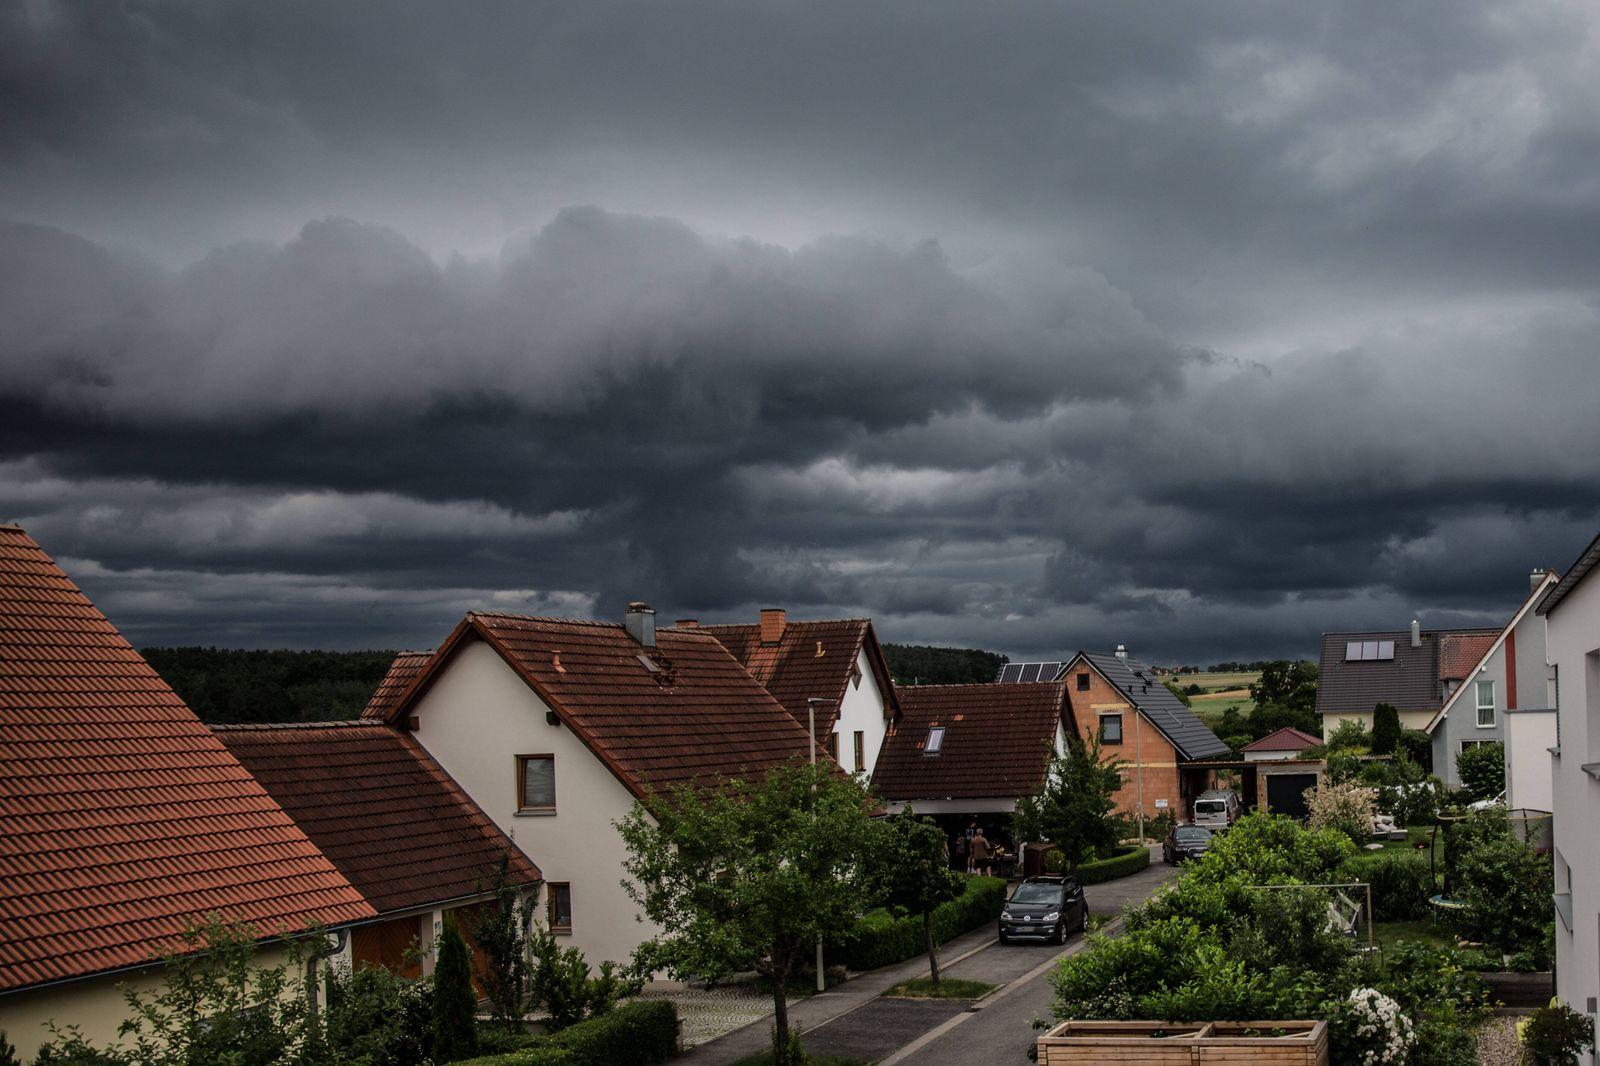 Bamberg, Deutschland 29. Juni 2021: Ein schweres Unwetter mit dunklen Wolken rollt auf Bamberg zu. Am Himmel sind dunke